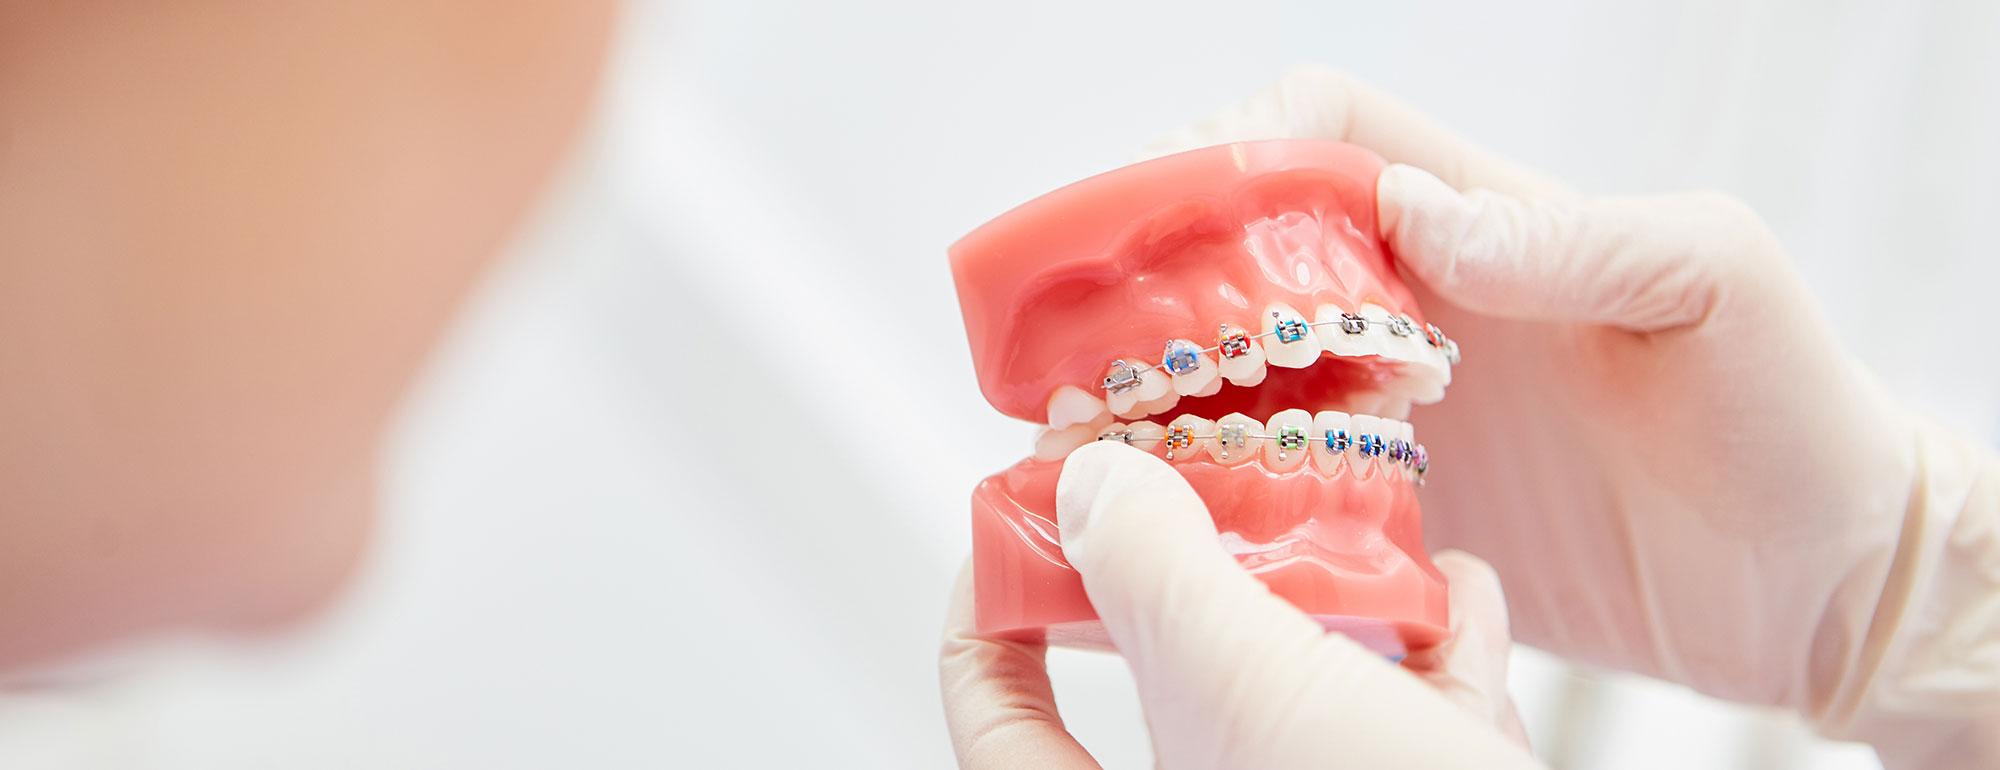 Arten von Zahnspangen vor und nach dem Abnehmen